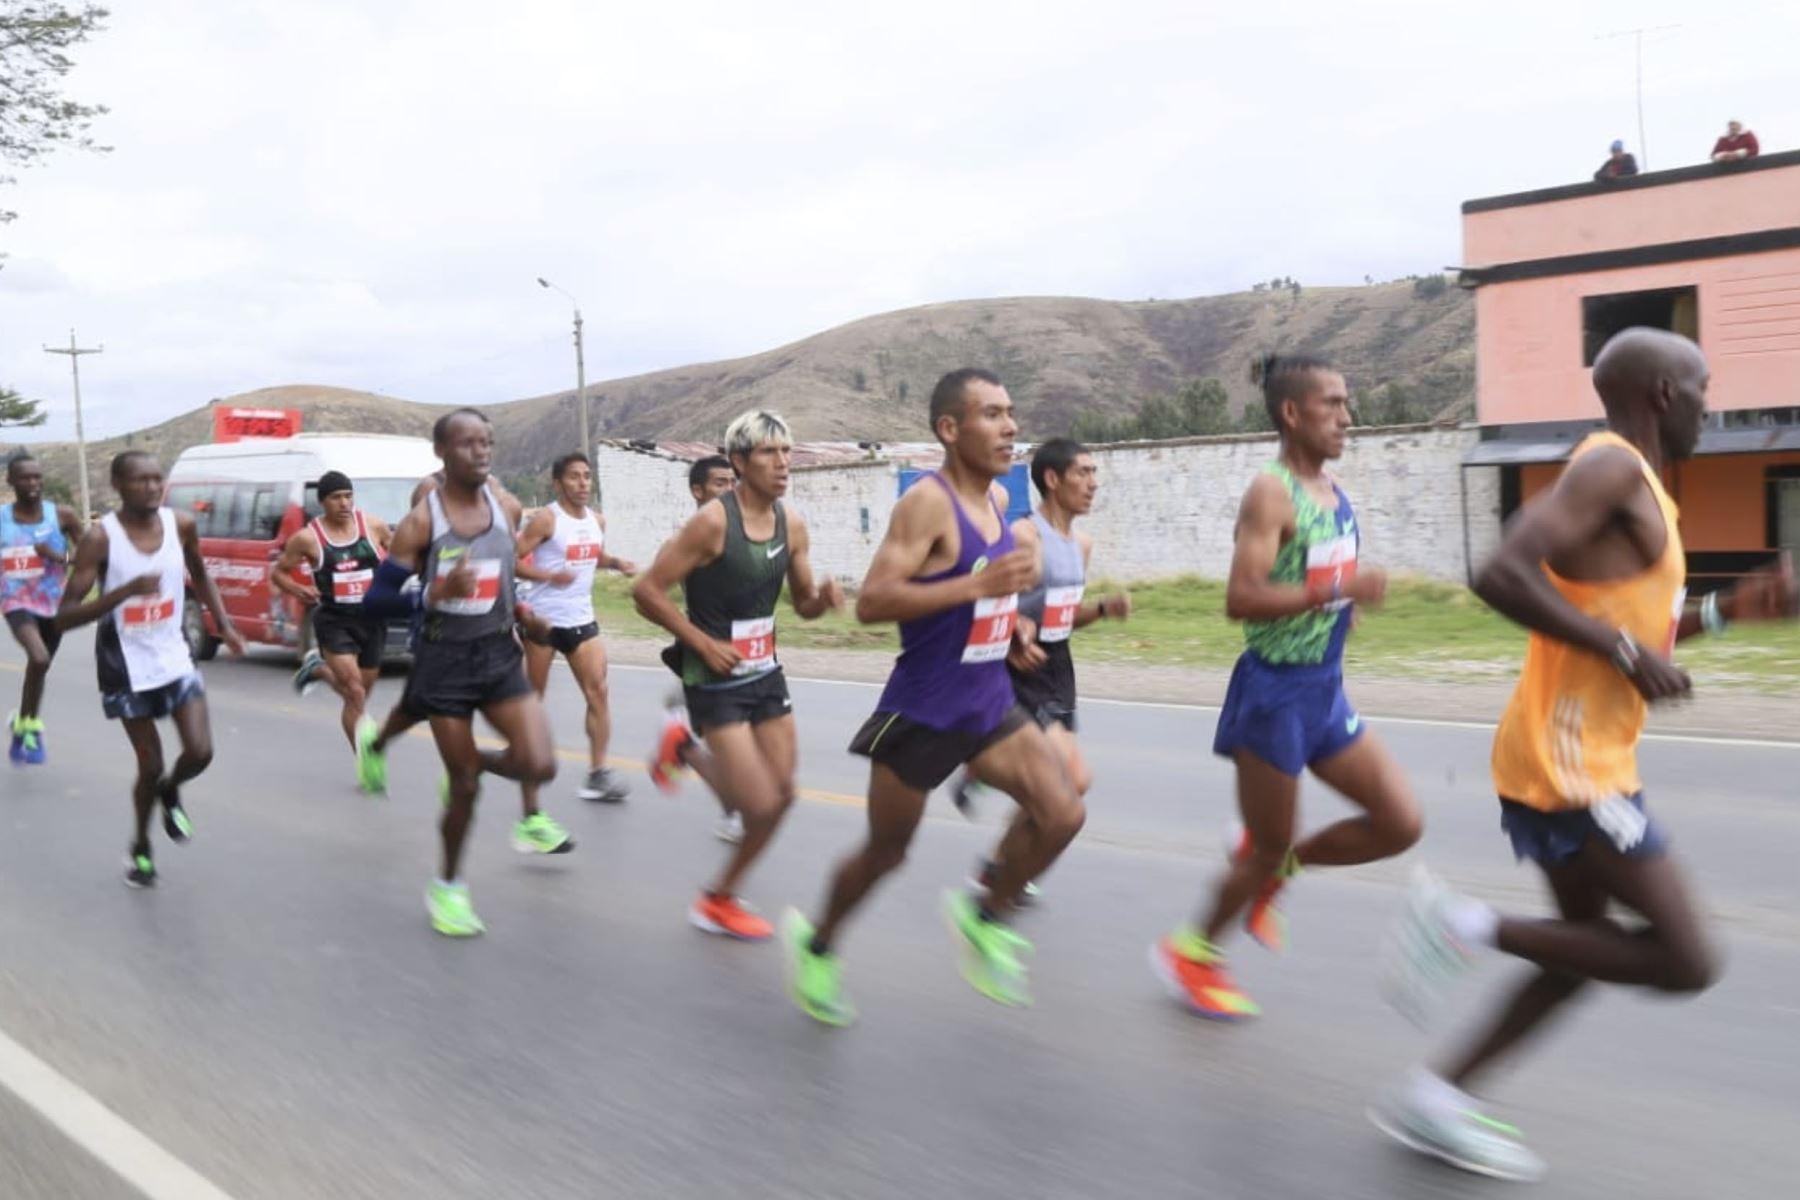 El Campeón de los Juegos Panamericanos Lima 2019 Cristian Pacheco, en gran gesto apoya a su amigo Willy Canchaya para darle ánimos durante su participación en la  XXXV Maratón Internacional de Los Andes en Huancayo. Foto: Cortesía Abel Aguilar